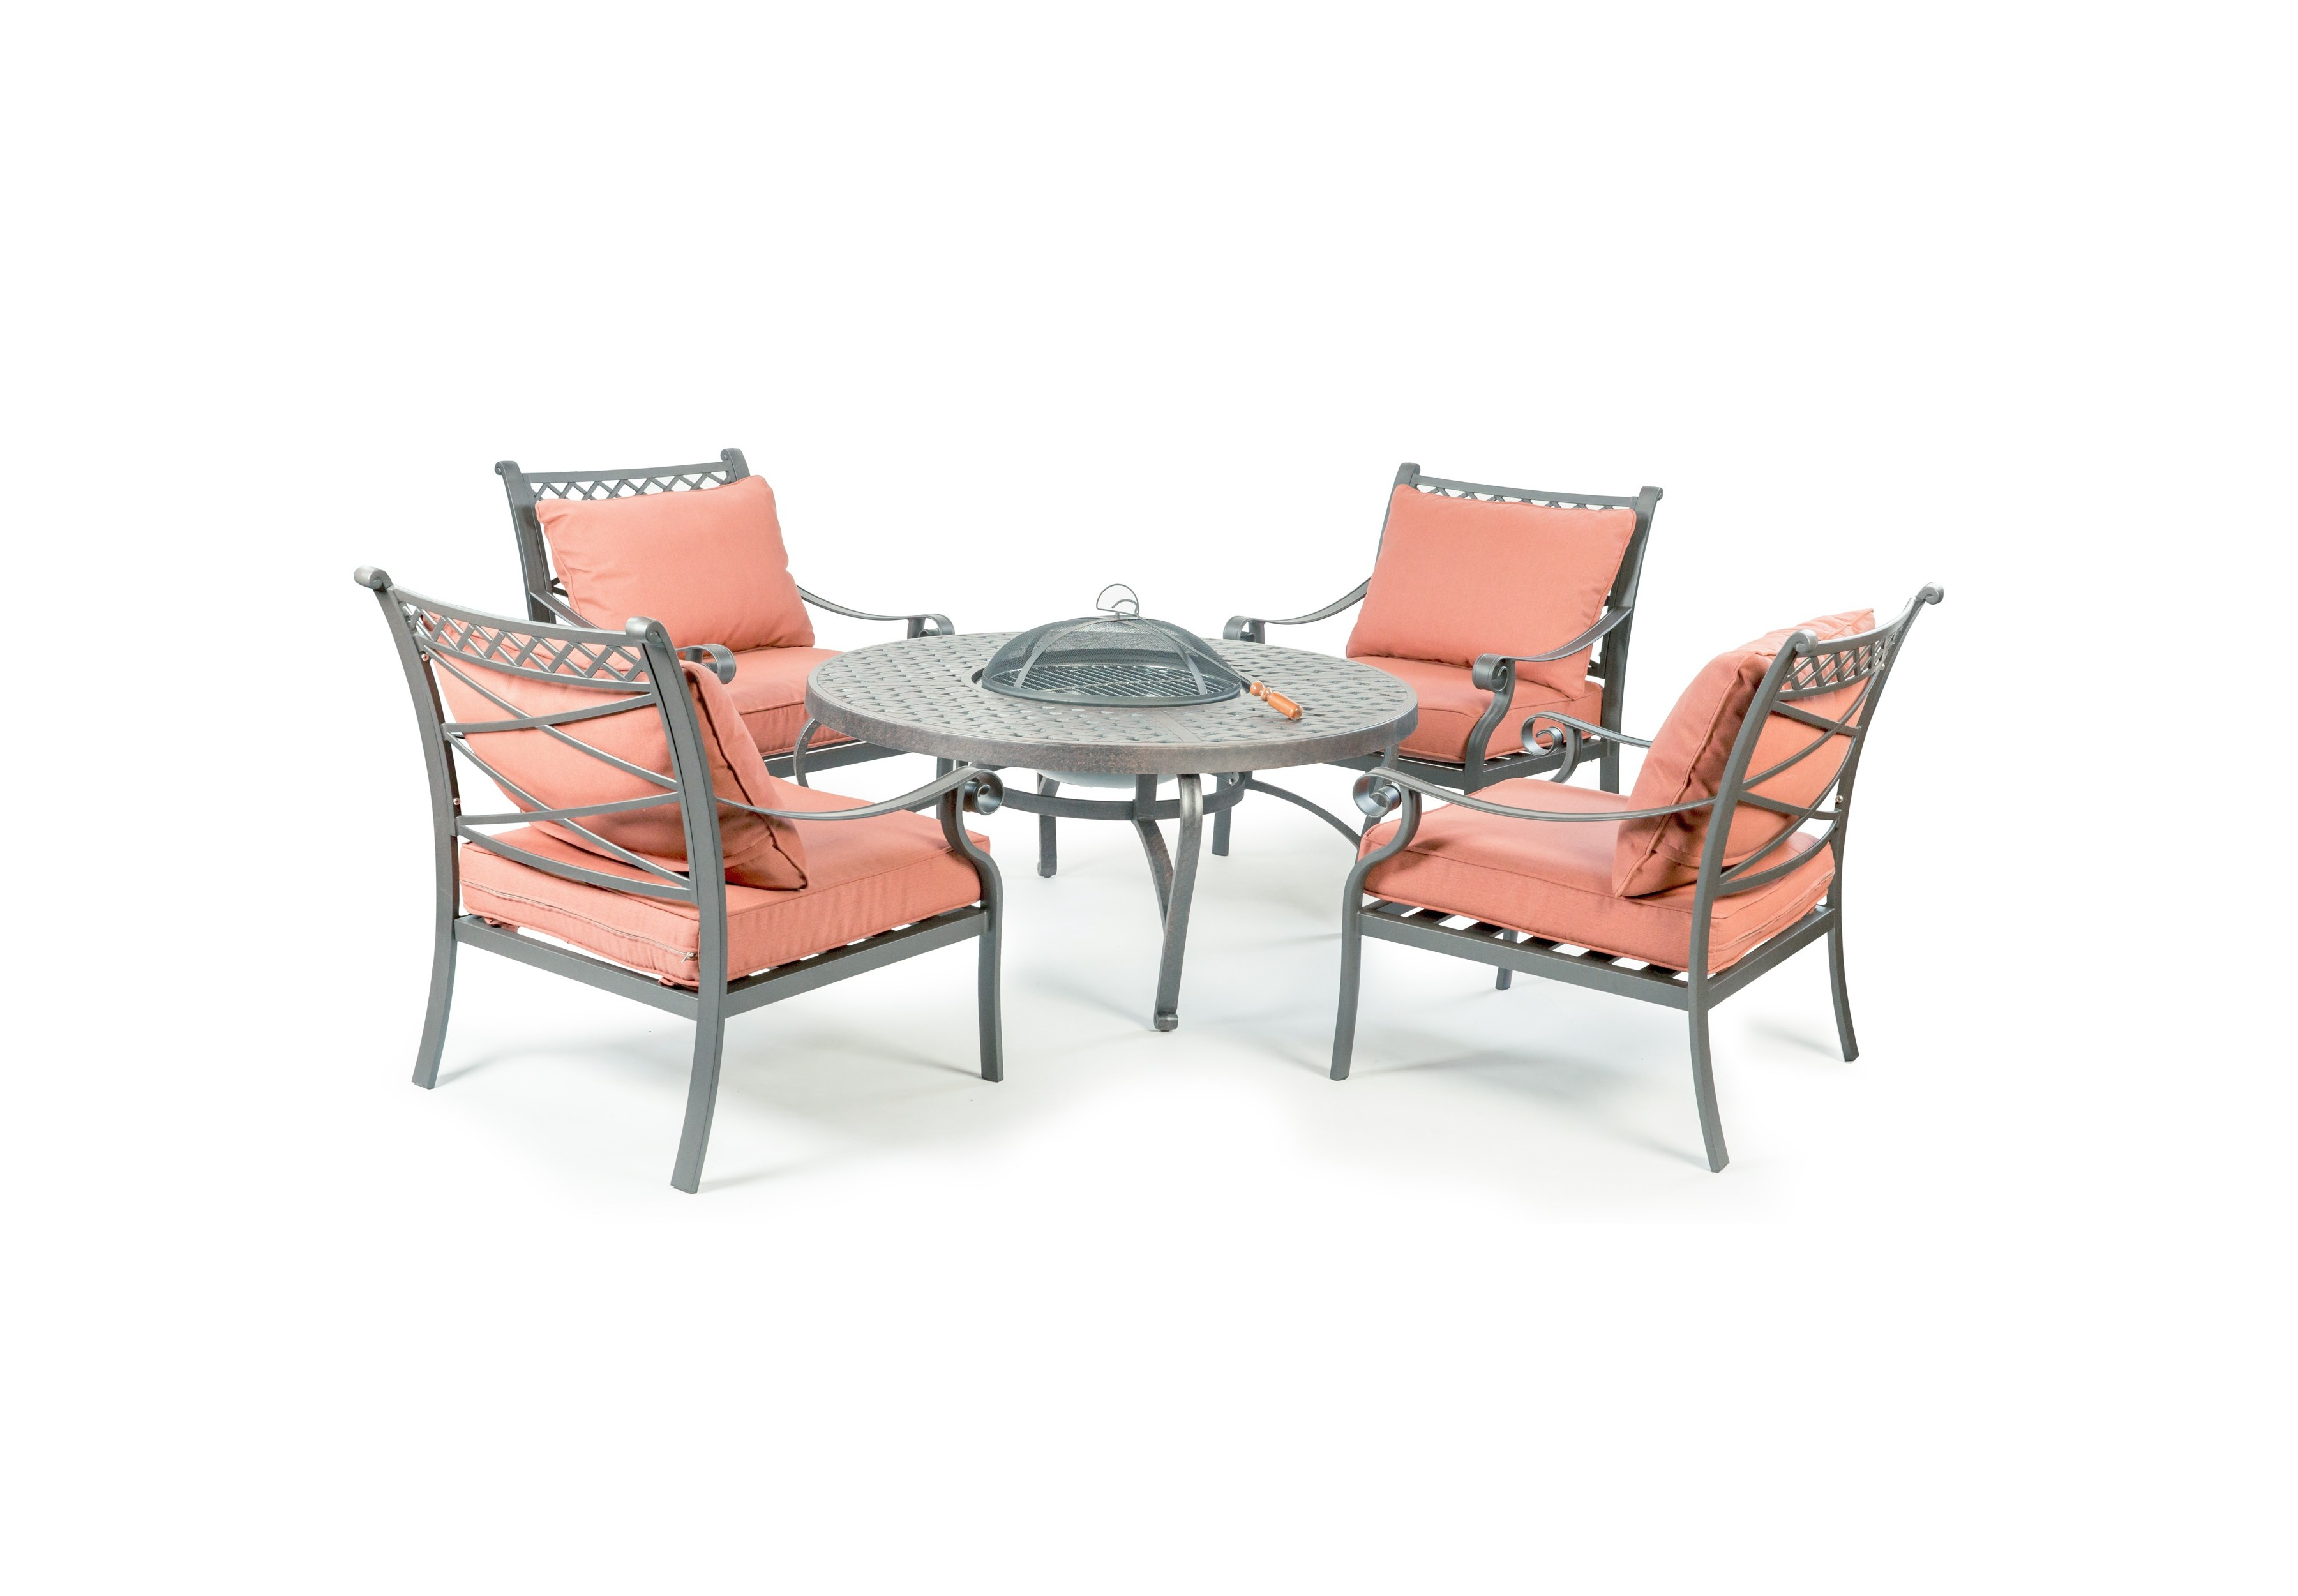 Садовая мебель ФУДЗИКомплекты уличной мебели<br>&amp;lt;div&amp;gt;Литой алюминий является более предпочтительным материалом для садовой мебели, поскольку он не только устойчив к коррозии, но и имеет легкий вес. Такая мебель лучше гармонирует с современными стилями, помимо классики, все чаще встречаются модели оригинального органического и футуристического дизайна. Преимущества мебели - способна выдержать любые капризы природы, можно даже оставить под открытым небом на зиму.&amp;lt;/div&amp;gt;&amp;lt;div&amp;gt;&amp;lt;br&amp;gt;&amp;lt;/div&amp;gt;&amp;lt;div&amp;gt;Размер стола: диаметр 121 см; диаметр чаши 56 см; в&amp;lt;span style=&amp;quot;line-height: 1.78571;&amp;quot;&amp;gt;ысота - 56 см.&amp;lt;/span&amp;gt;&amp;lt;/div&amp;gt;&amp;lt;div&amp;gt;Размер стульев (4 шт): глубина 65 см; ширина 60 см; высота подлокотников 55 см; высота спинки 90 см.&amp;lt;/div&amp;gt;<br><br>Material: Алюминий<br>Height см: 56<br>Diameter см: 121